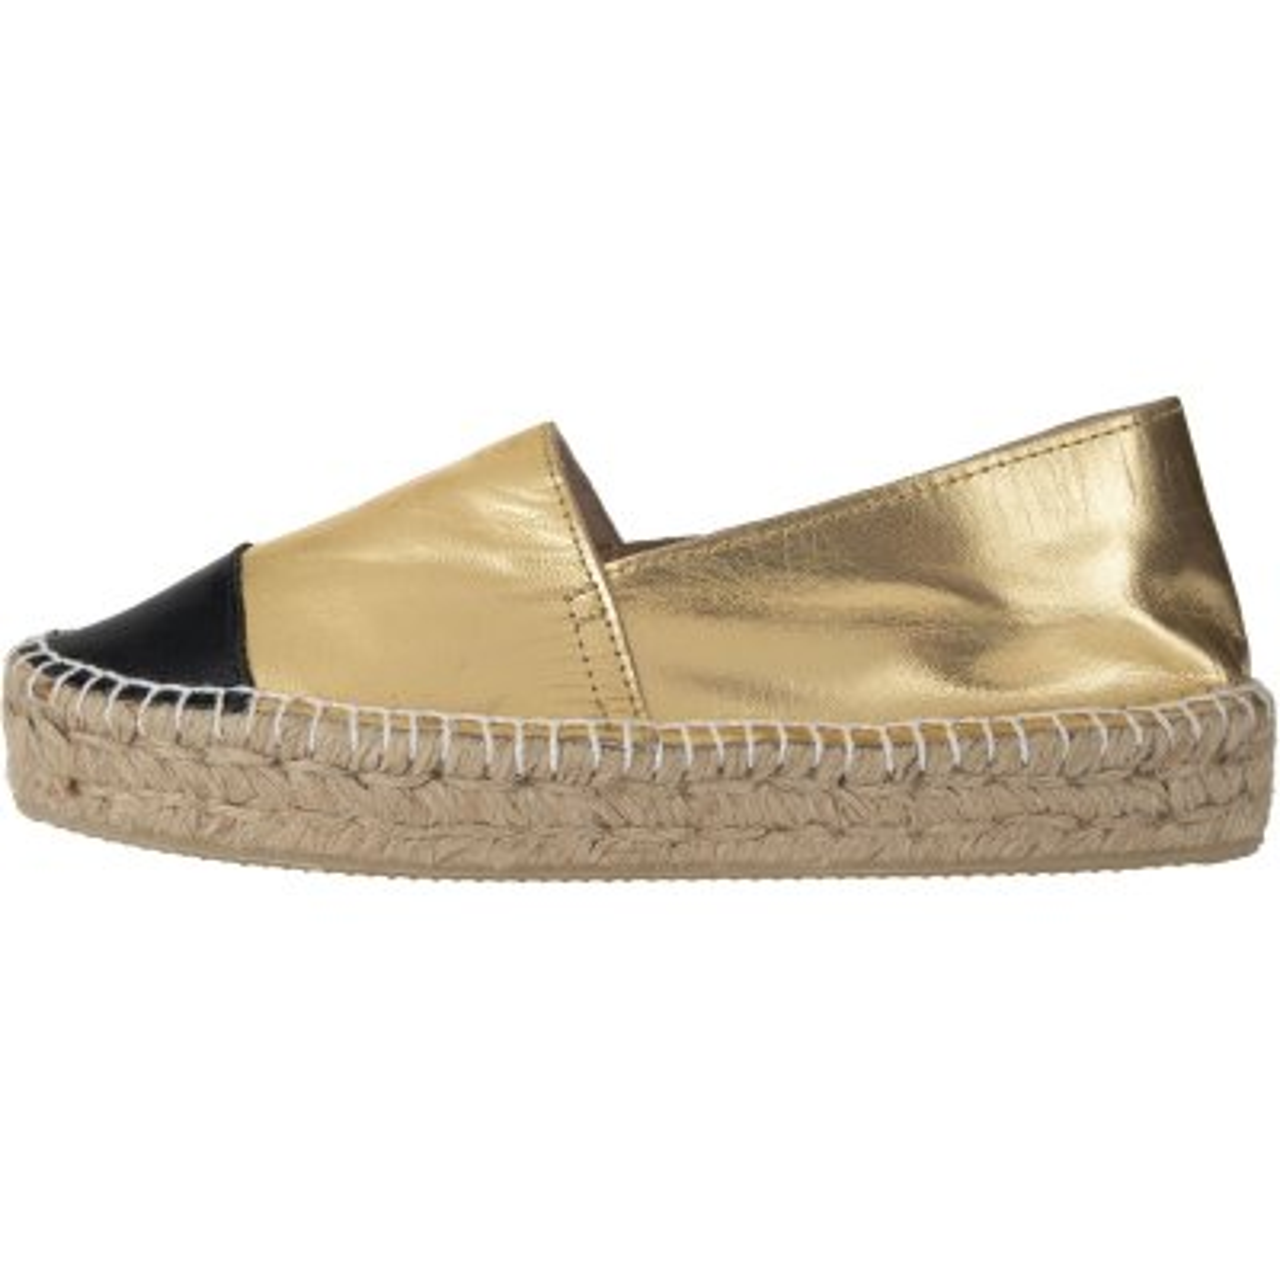 تصویر کفش زنانه میامرا مدل 9199 GOLD